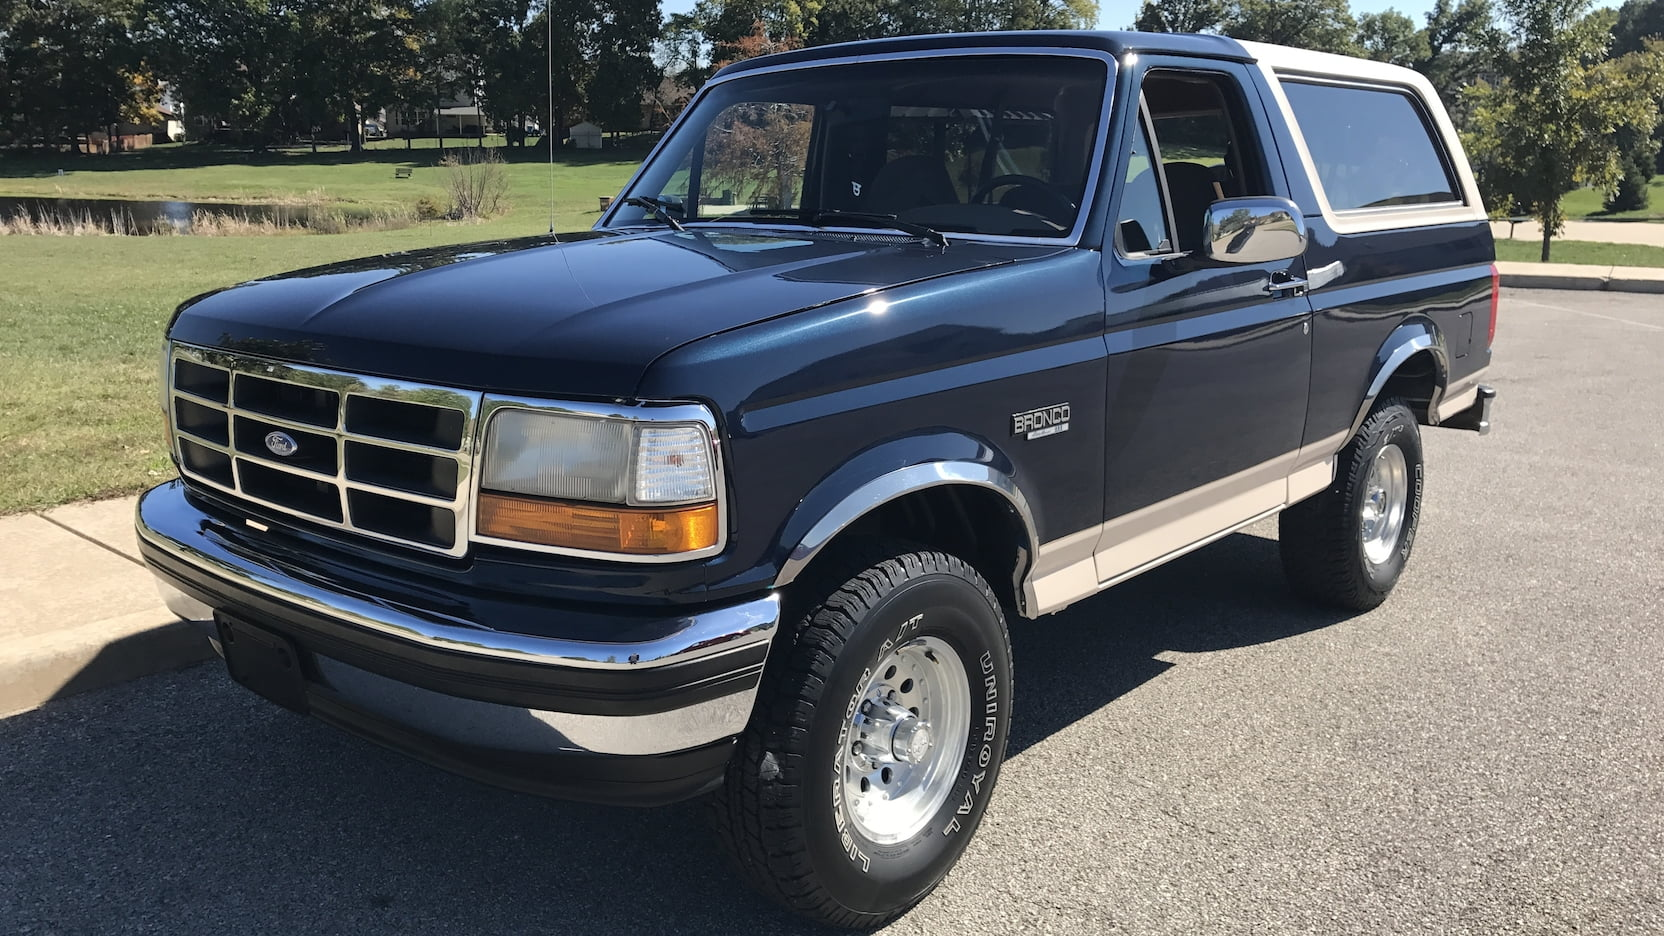 1993 Ford Bronco Eddie Bauer Edition